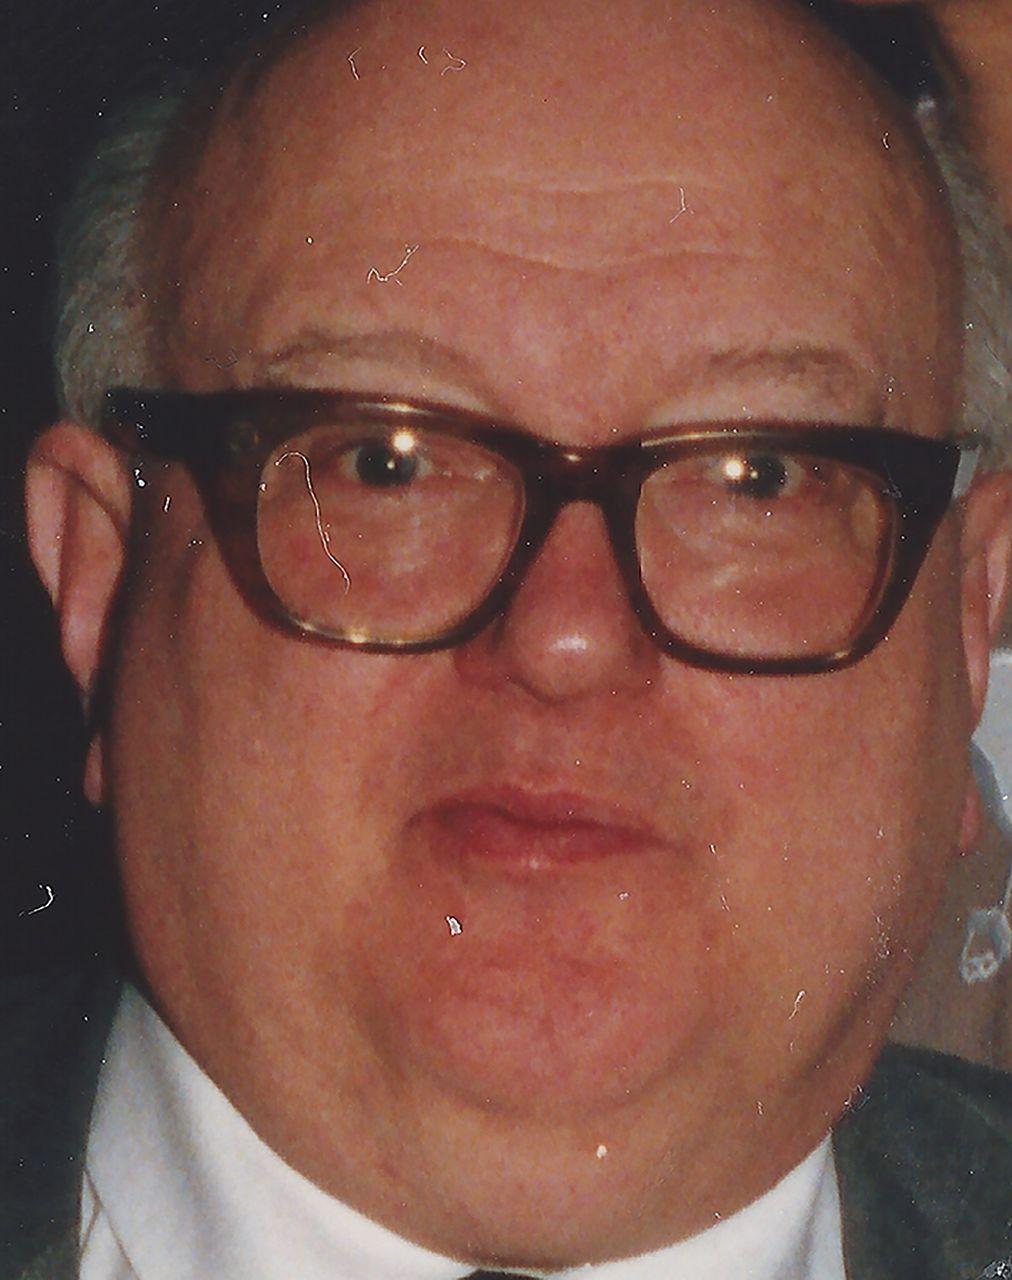 Ross Desmond